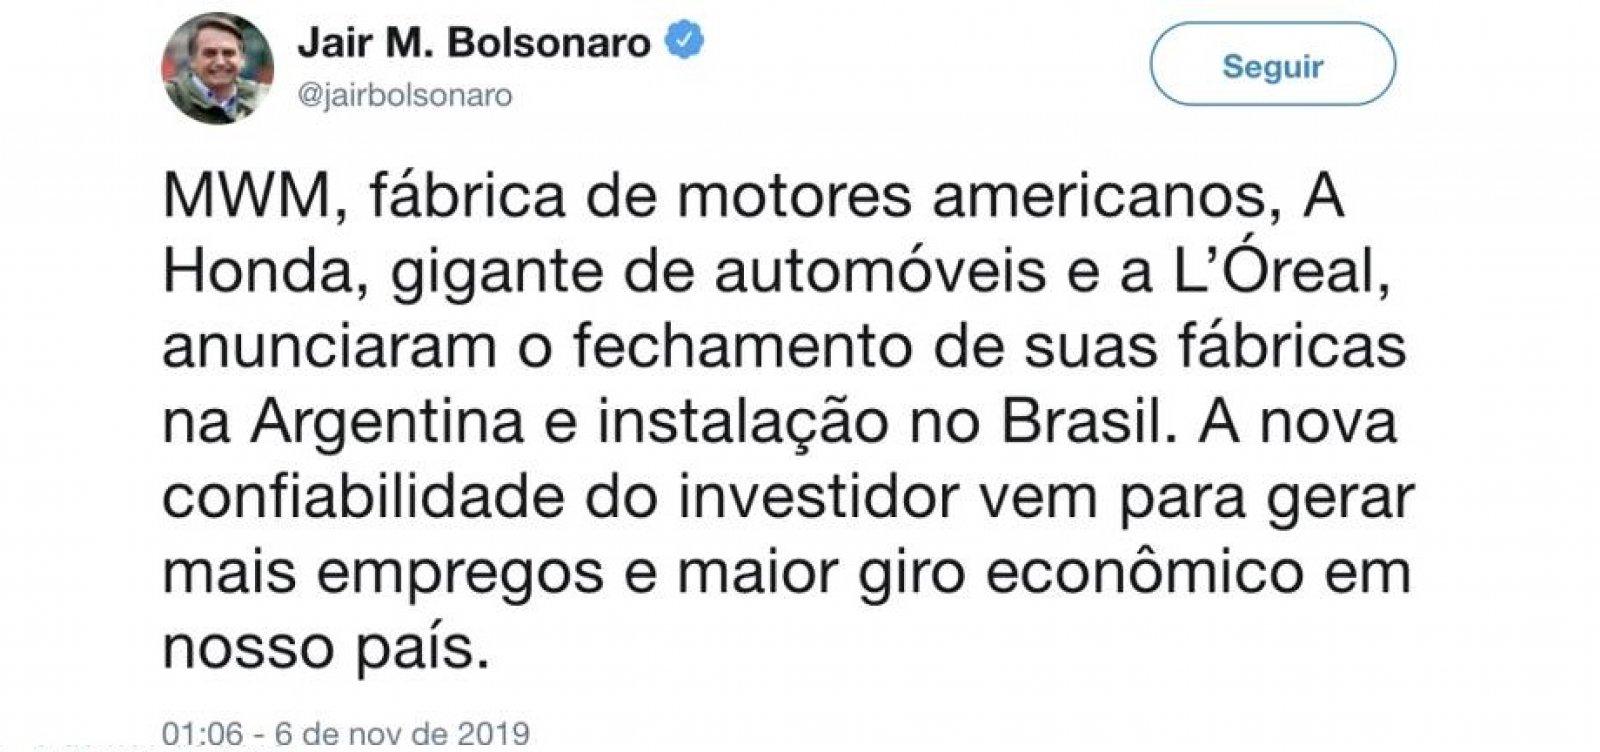 Bolsonaro diz que empresas deixarão Argentina e apaga publicação depois